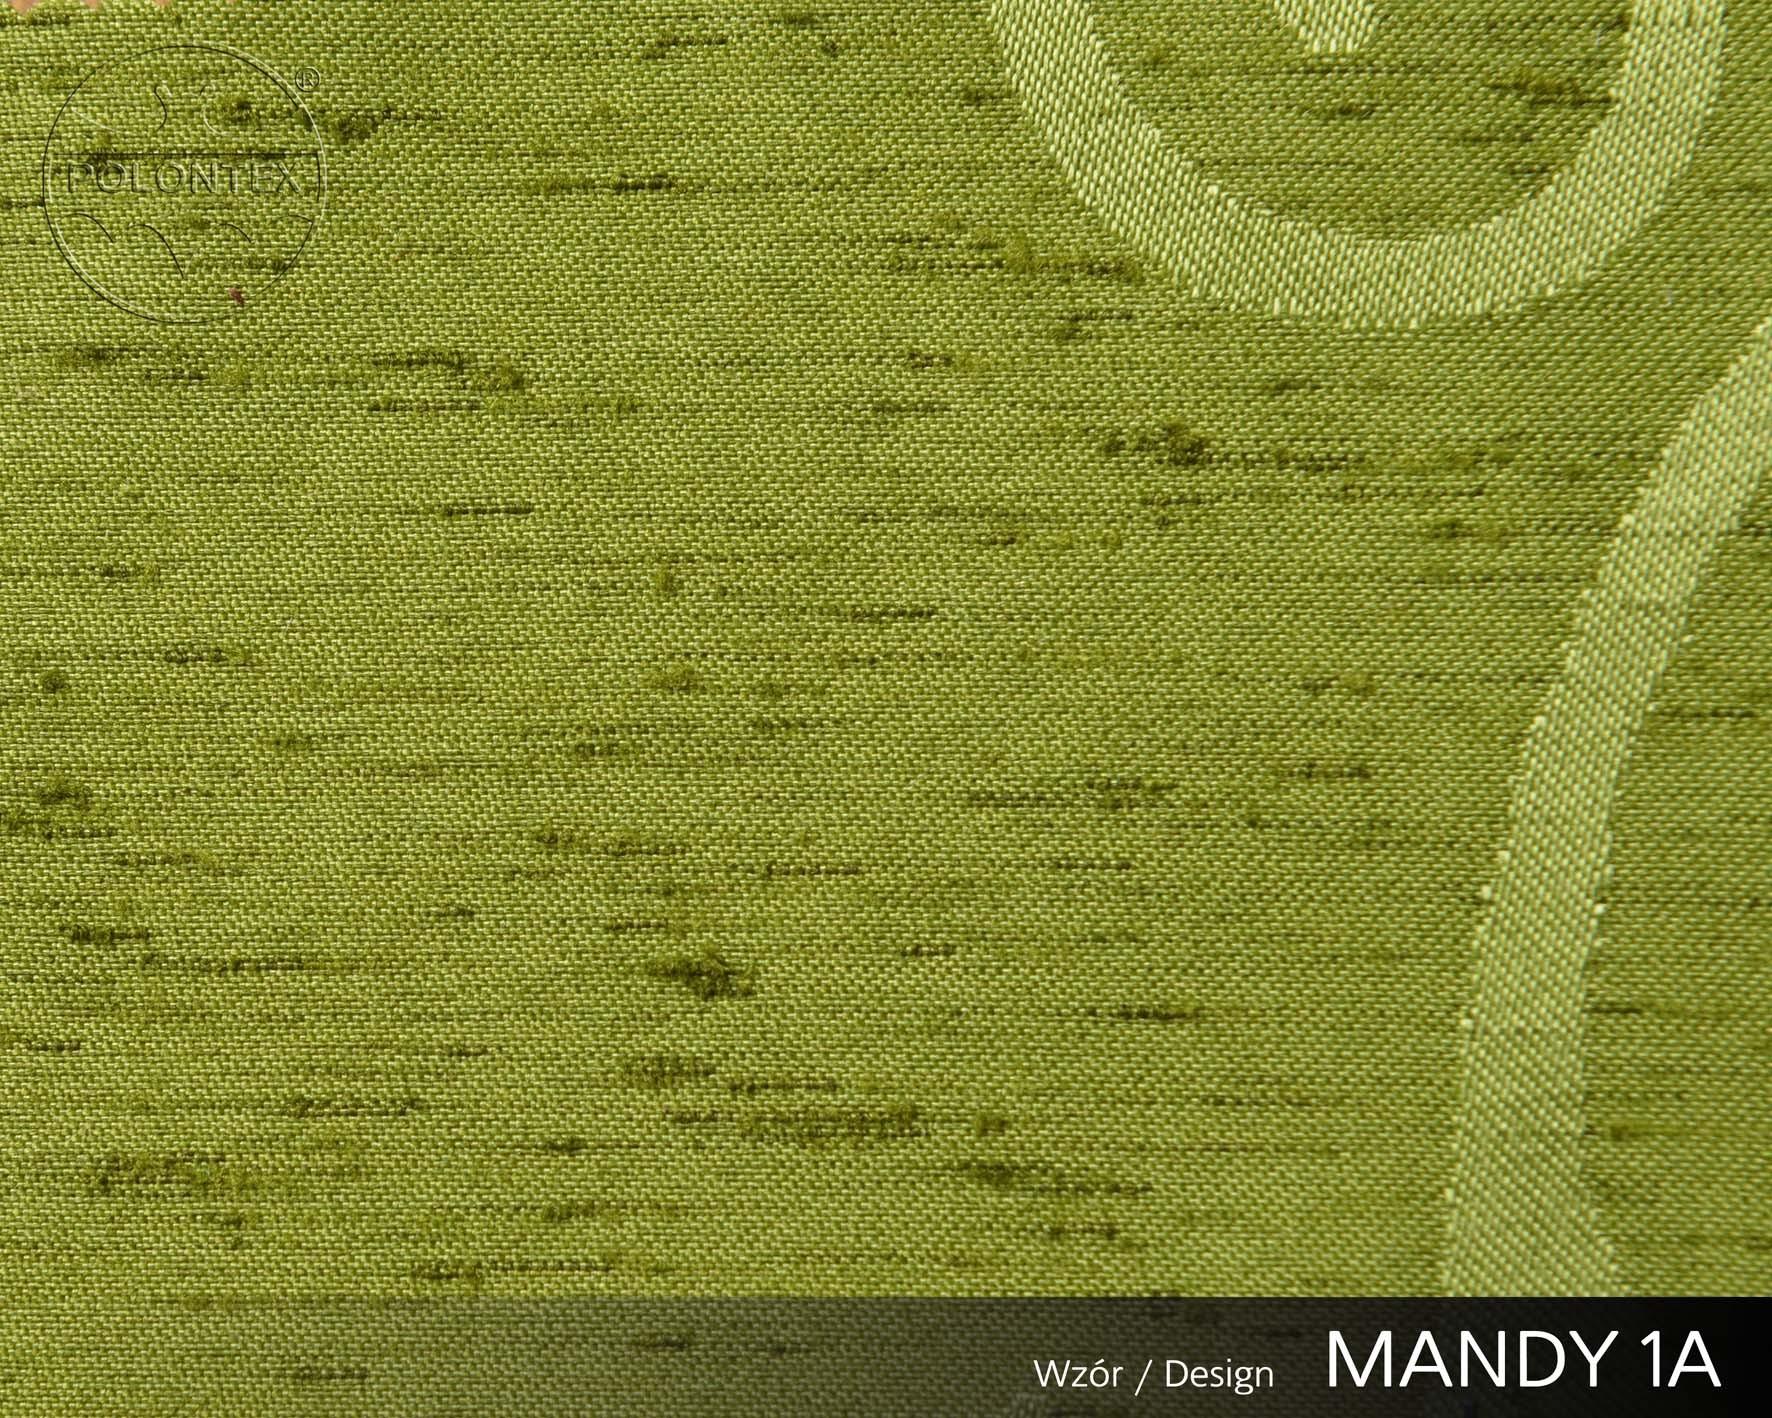 MANDY 1A 6529